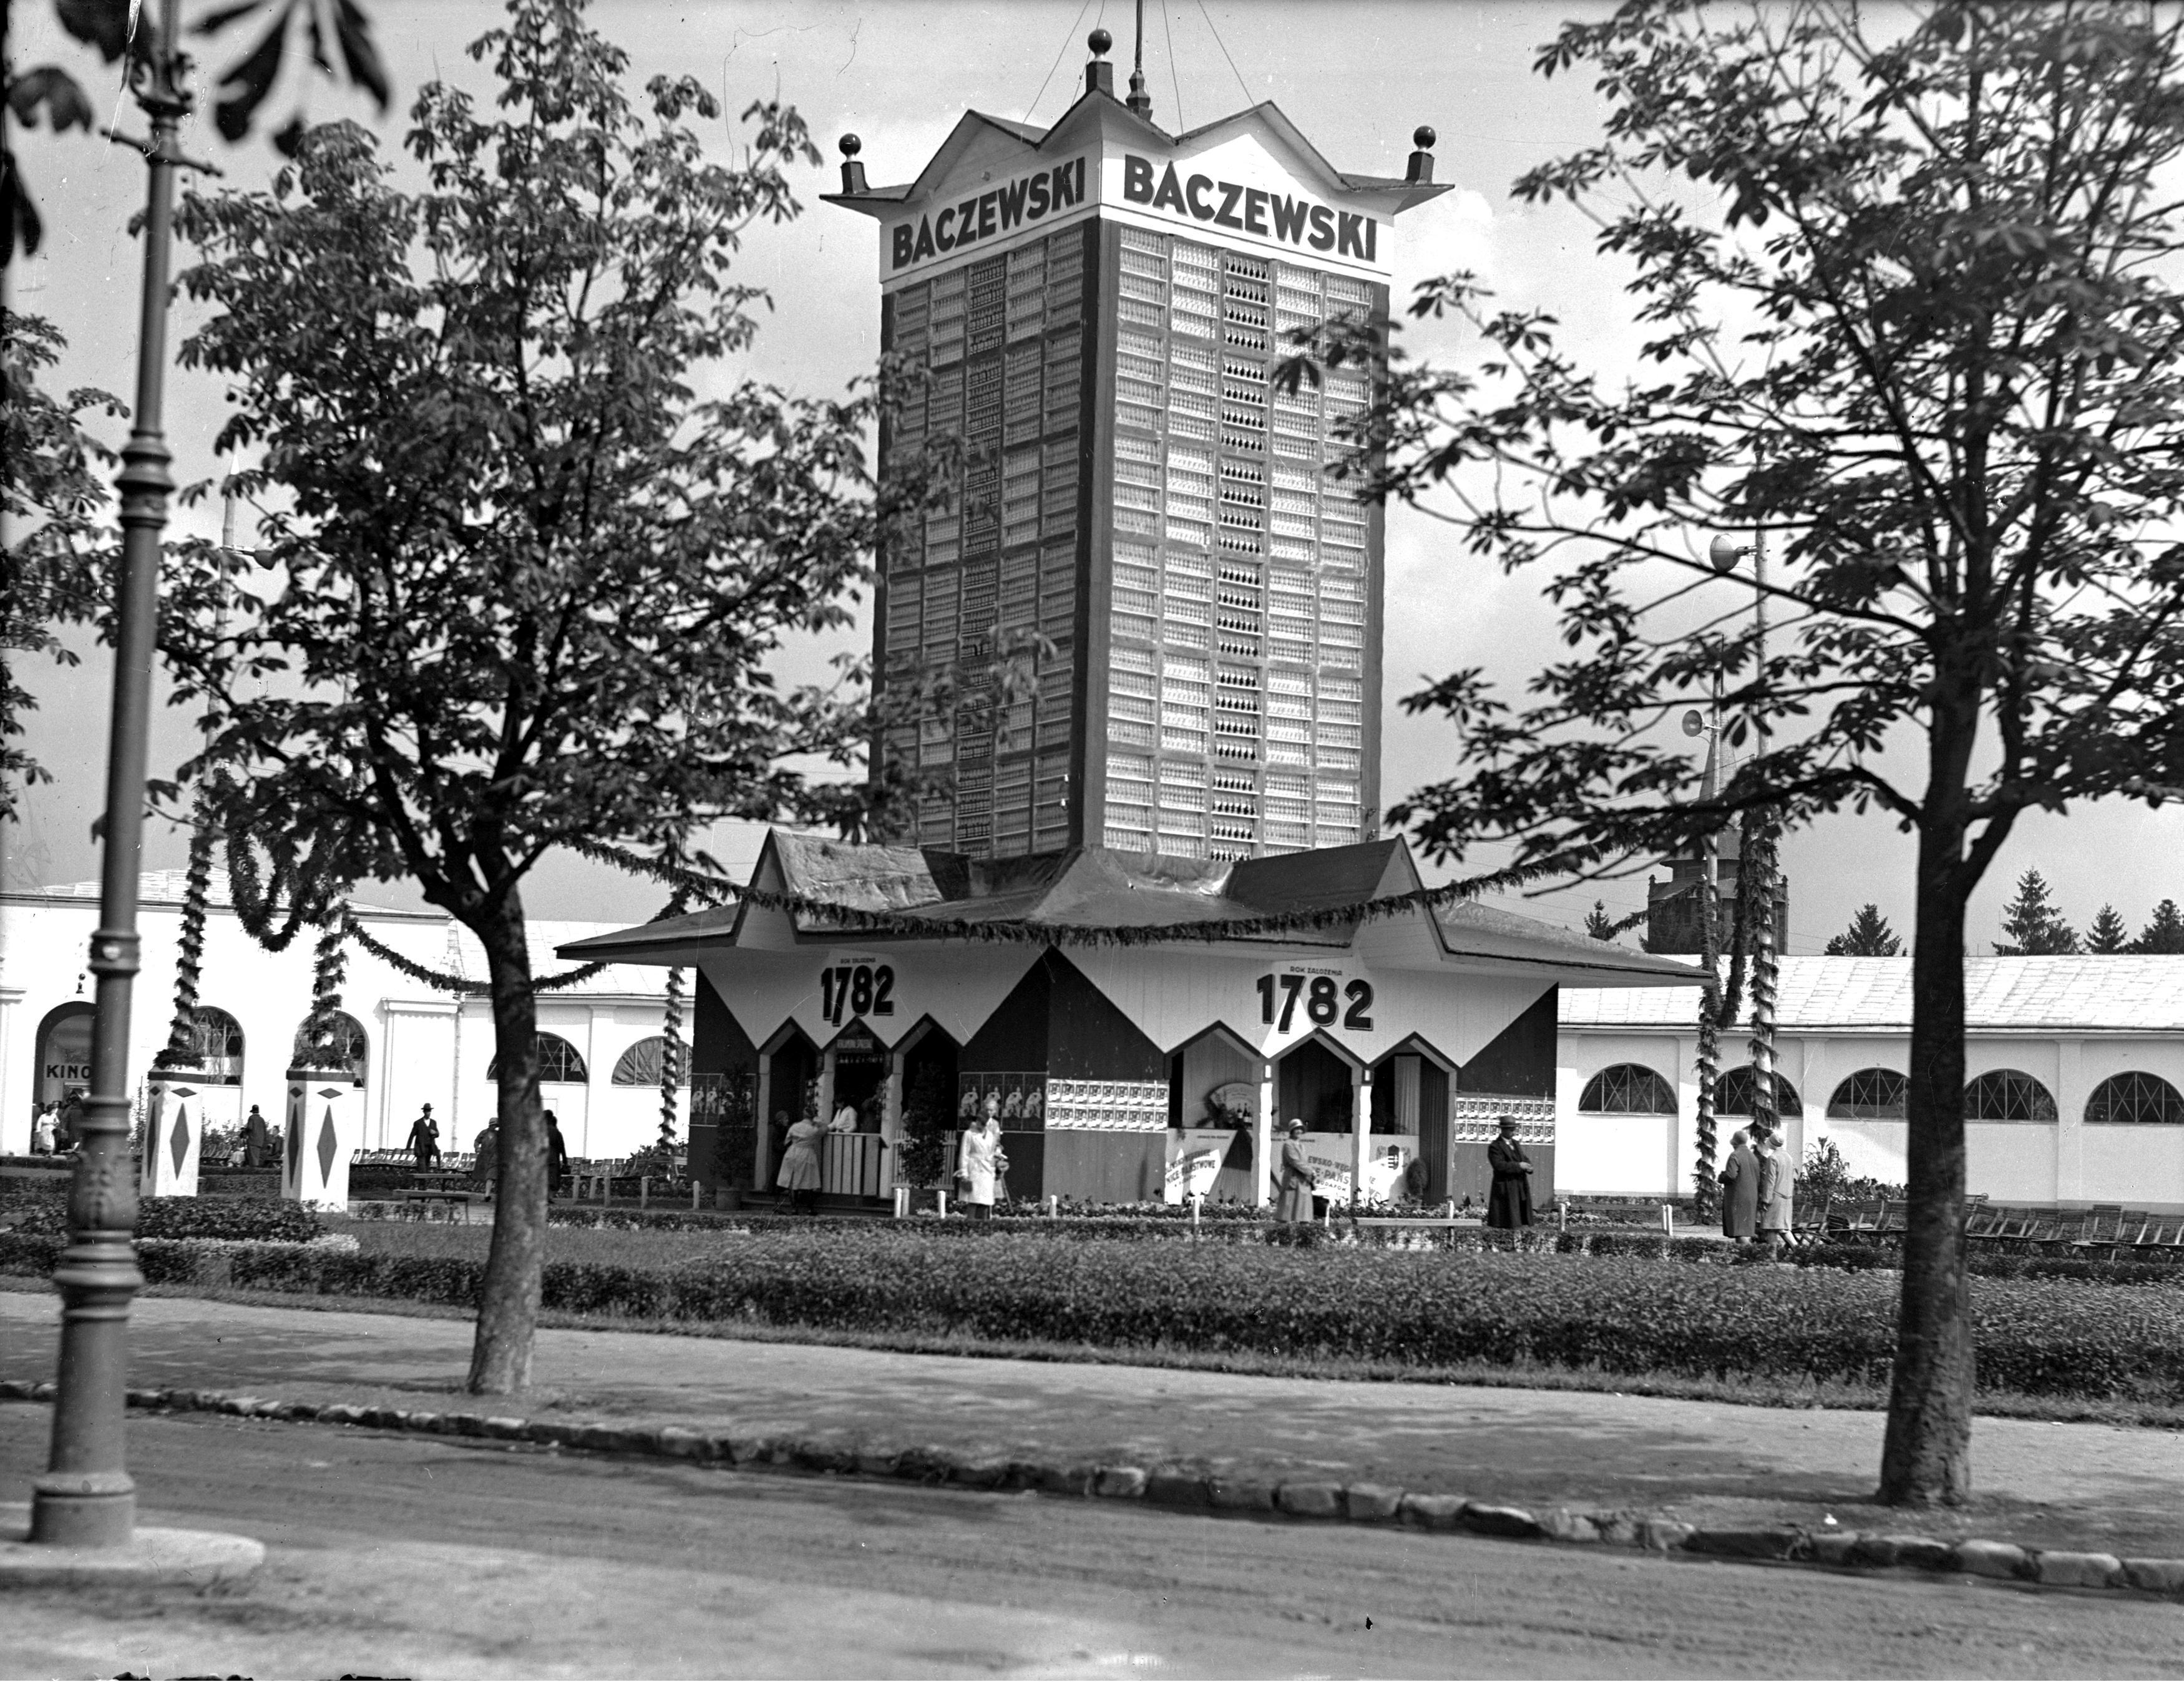 Wieża pawilonu fabryki wódki, likieru i rumu J.A. Baczewski we Lwowie, wrzesień 1930. Fot. NAC